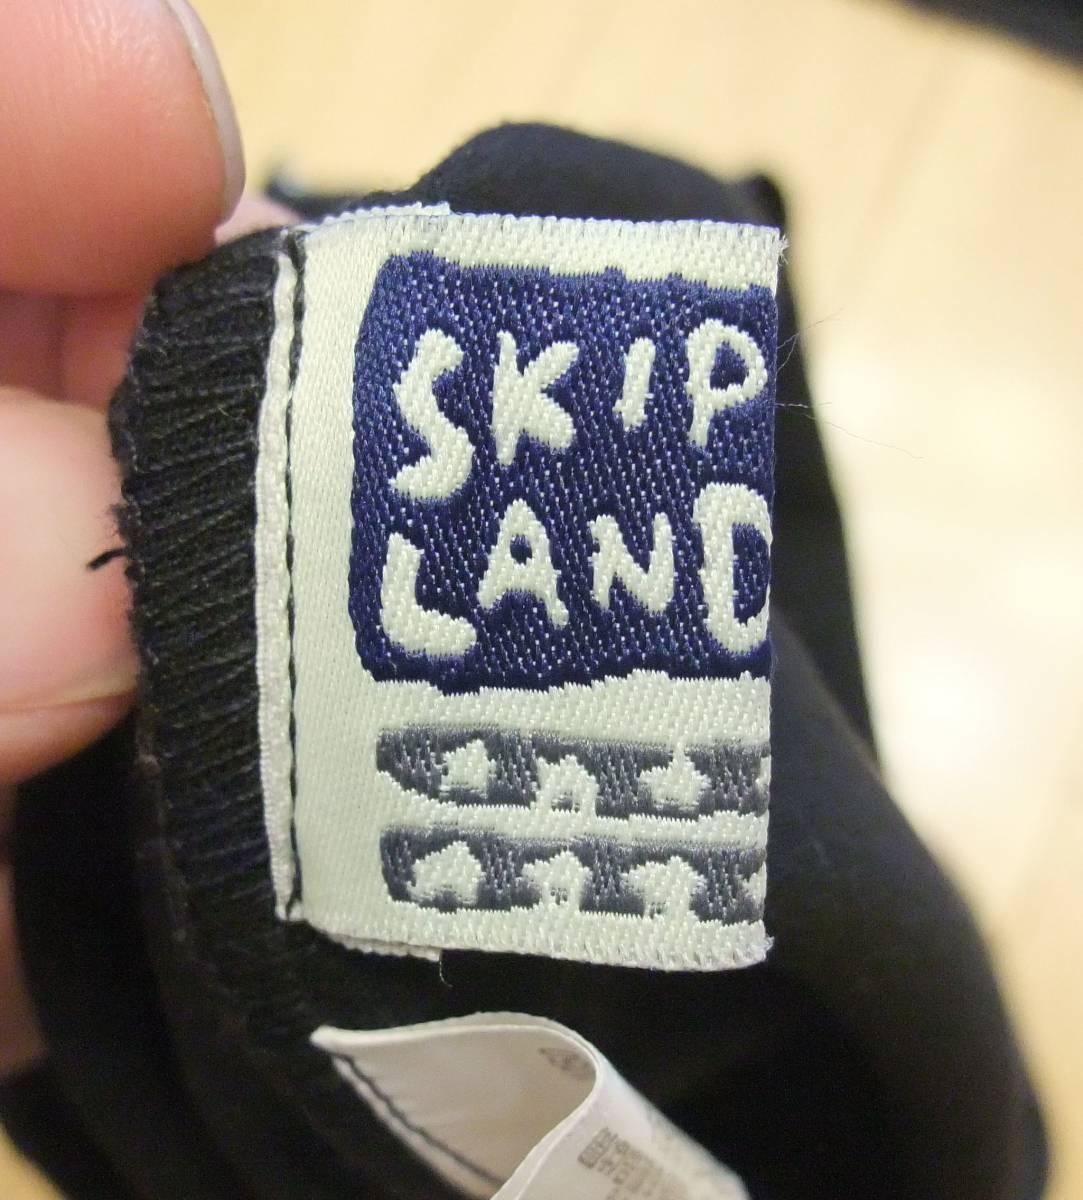 SKIP LAND スキップランド 黒  サイズ110 ワンピース ジャンパースカート フォーマル 発表会 お受験 入学式 卒園式 女の子_画像7